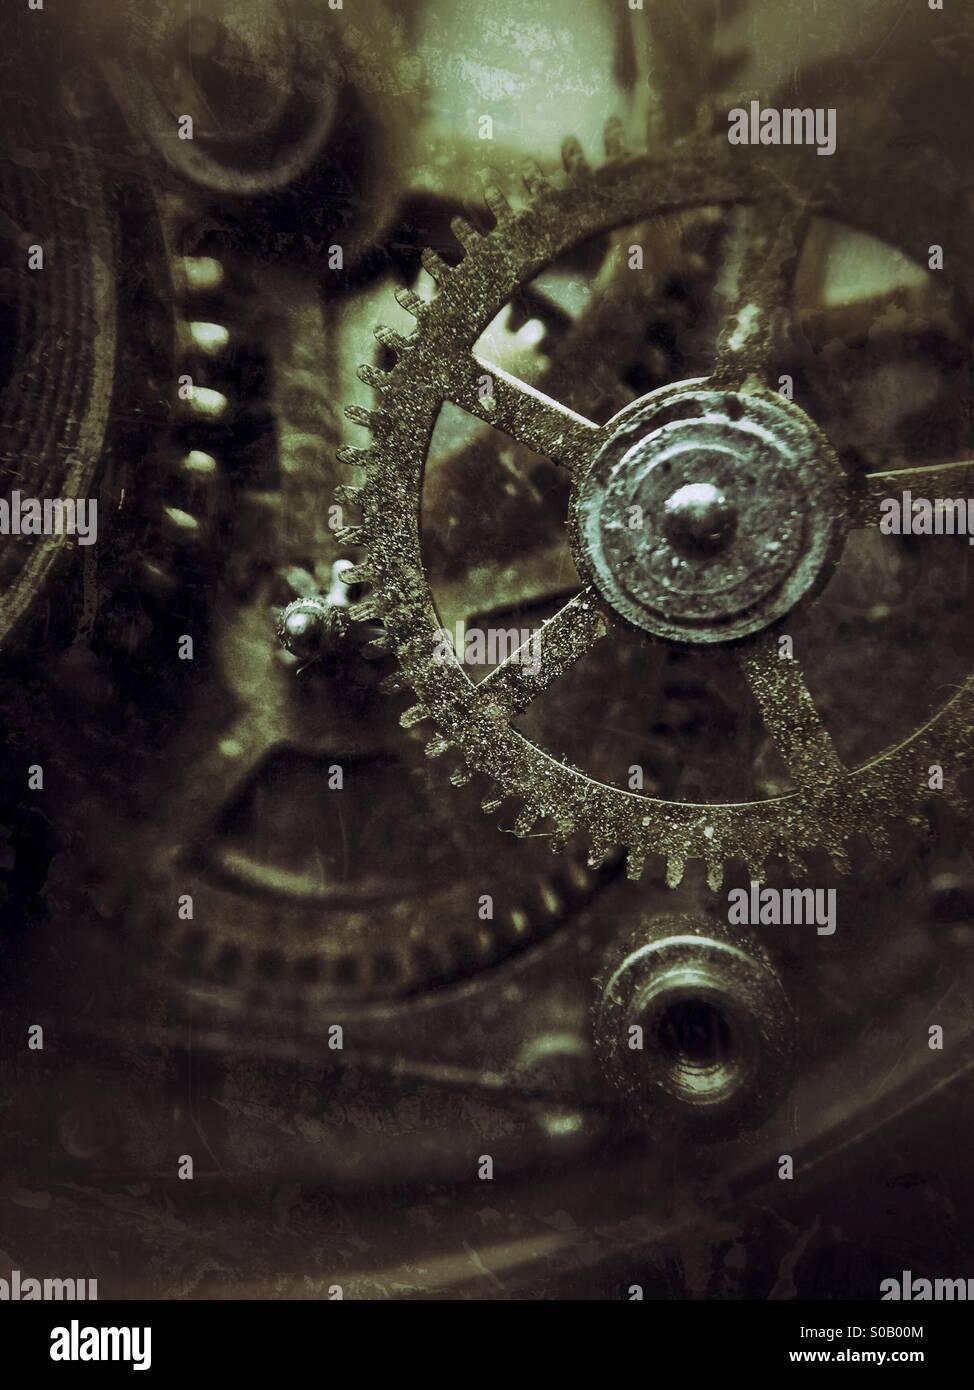 Imagen Macro de piezas de reloj de bolsillo. Imagen De Stock